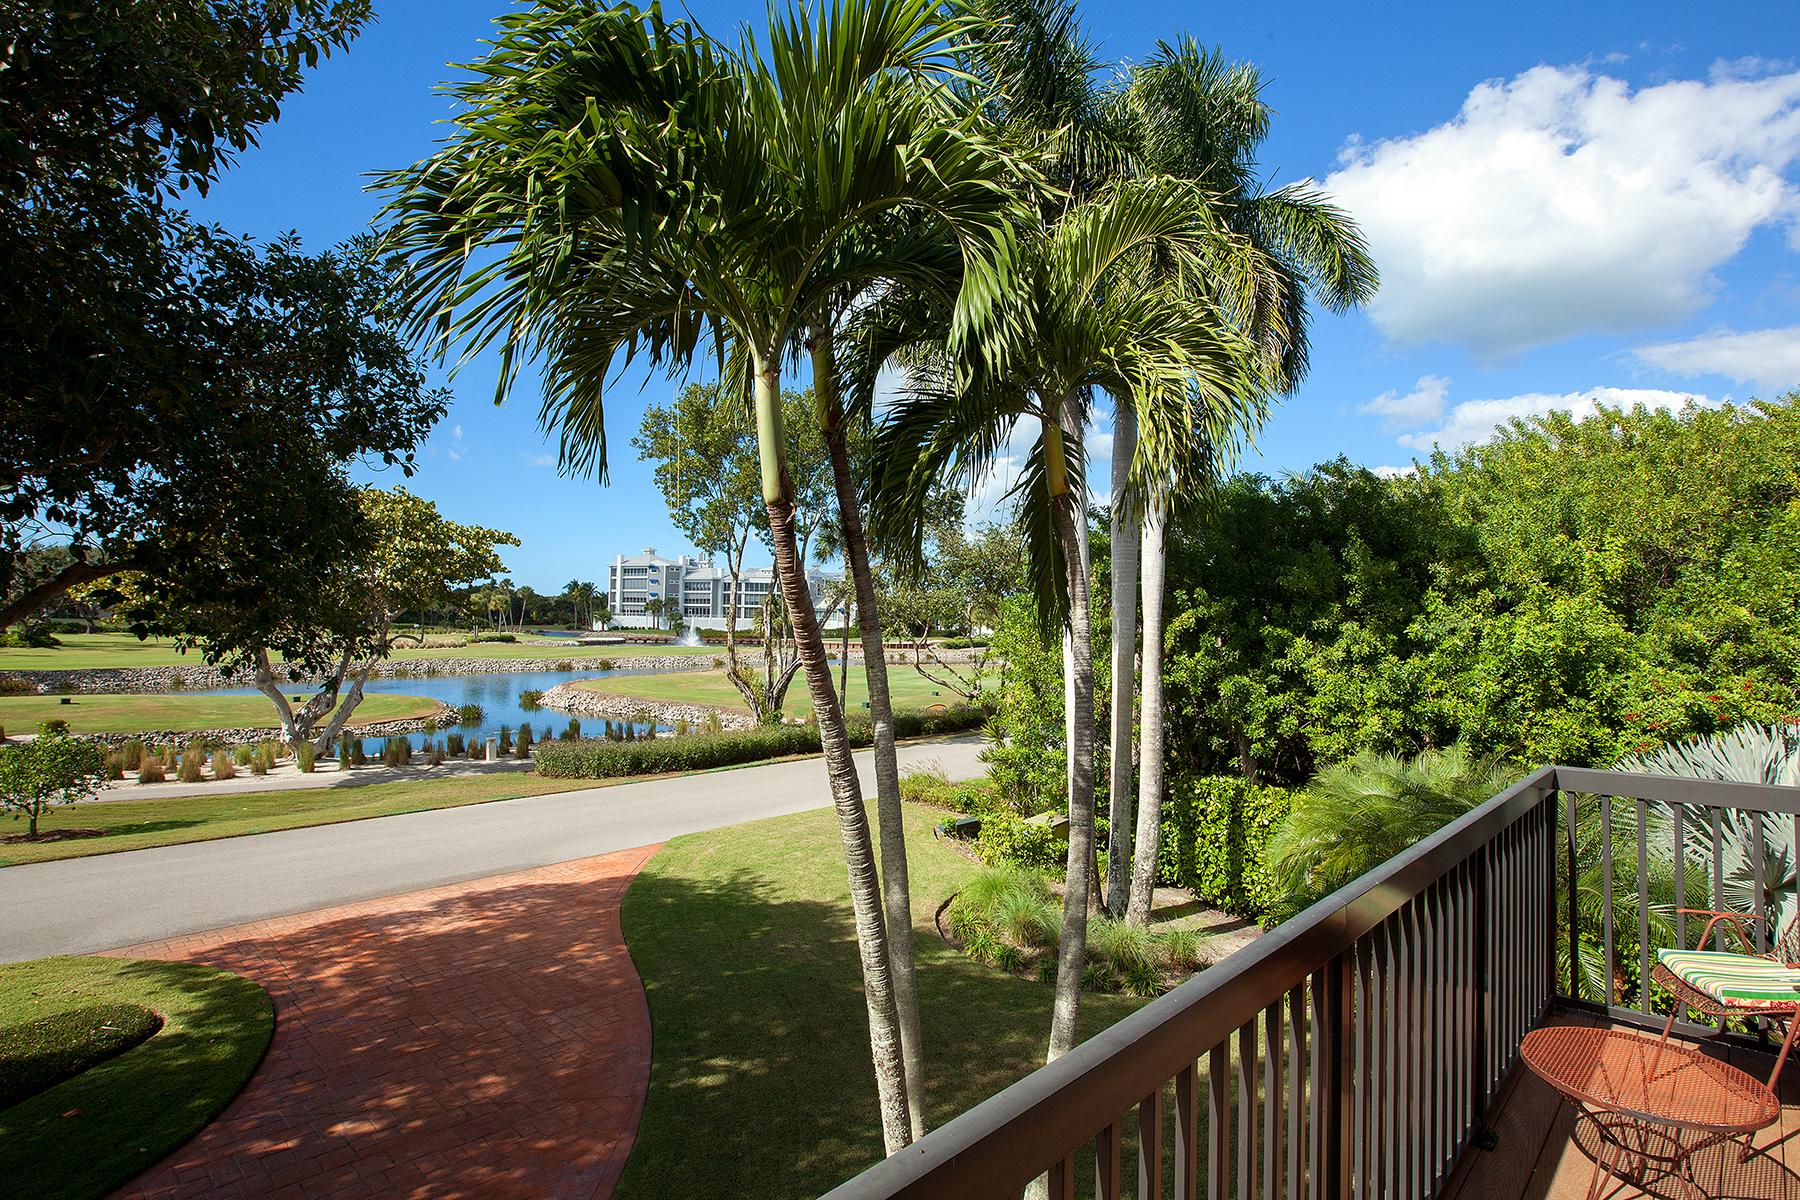 獨棟家庭住宅 為 出售 在 376 Leatherfern Ln , Marco Island, FL 34145 376 Leatherfern Ln Marco Island, 佛羅里達州, 34145 美國